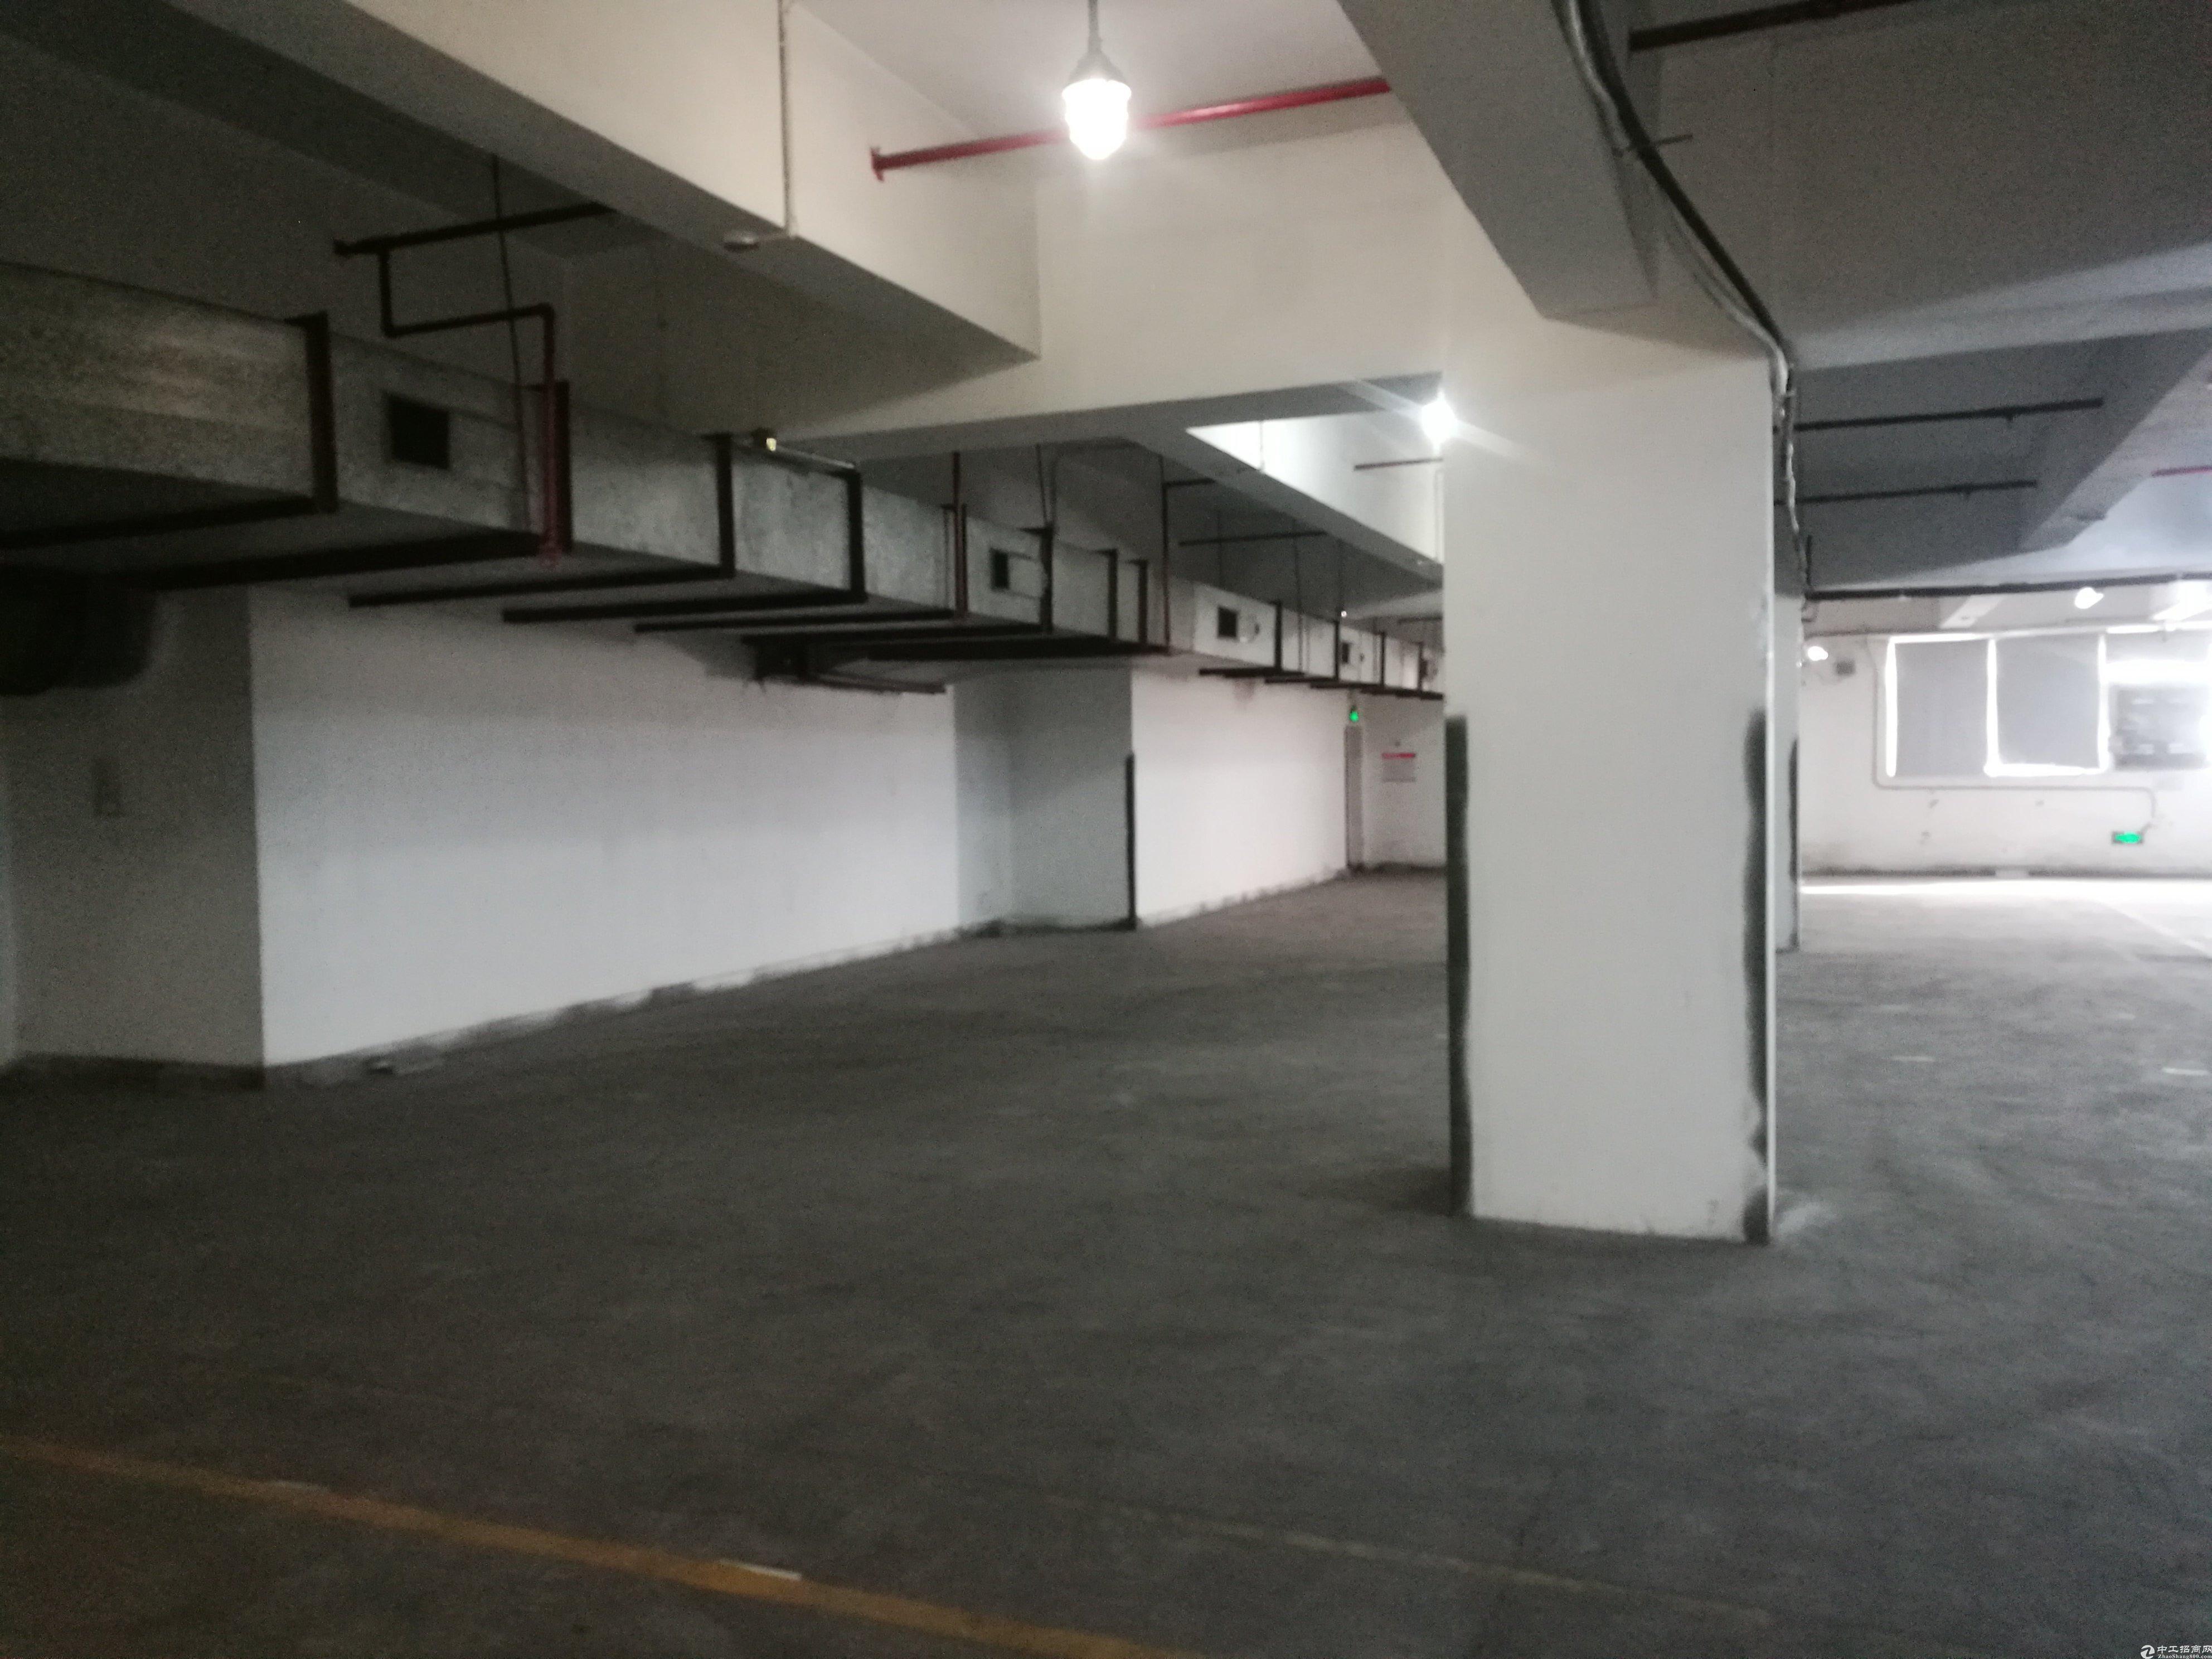 西丽地铁口附近标准丙二类物流仓一楼1300平